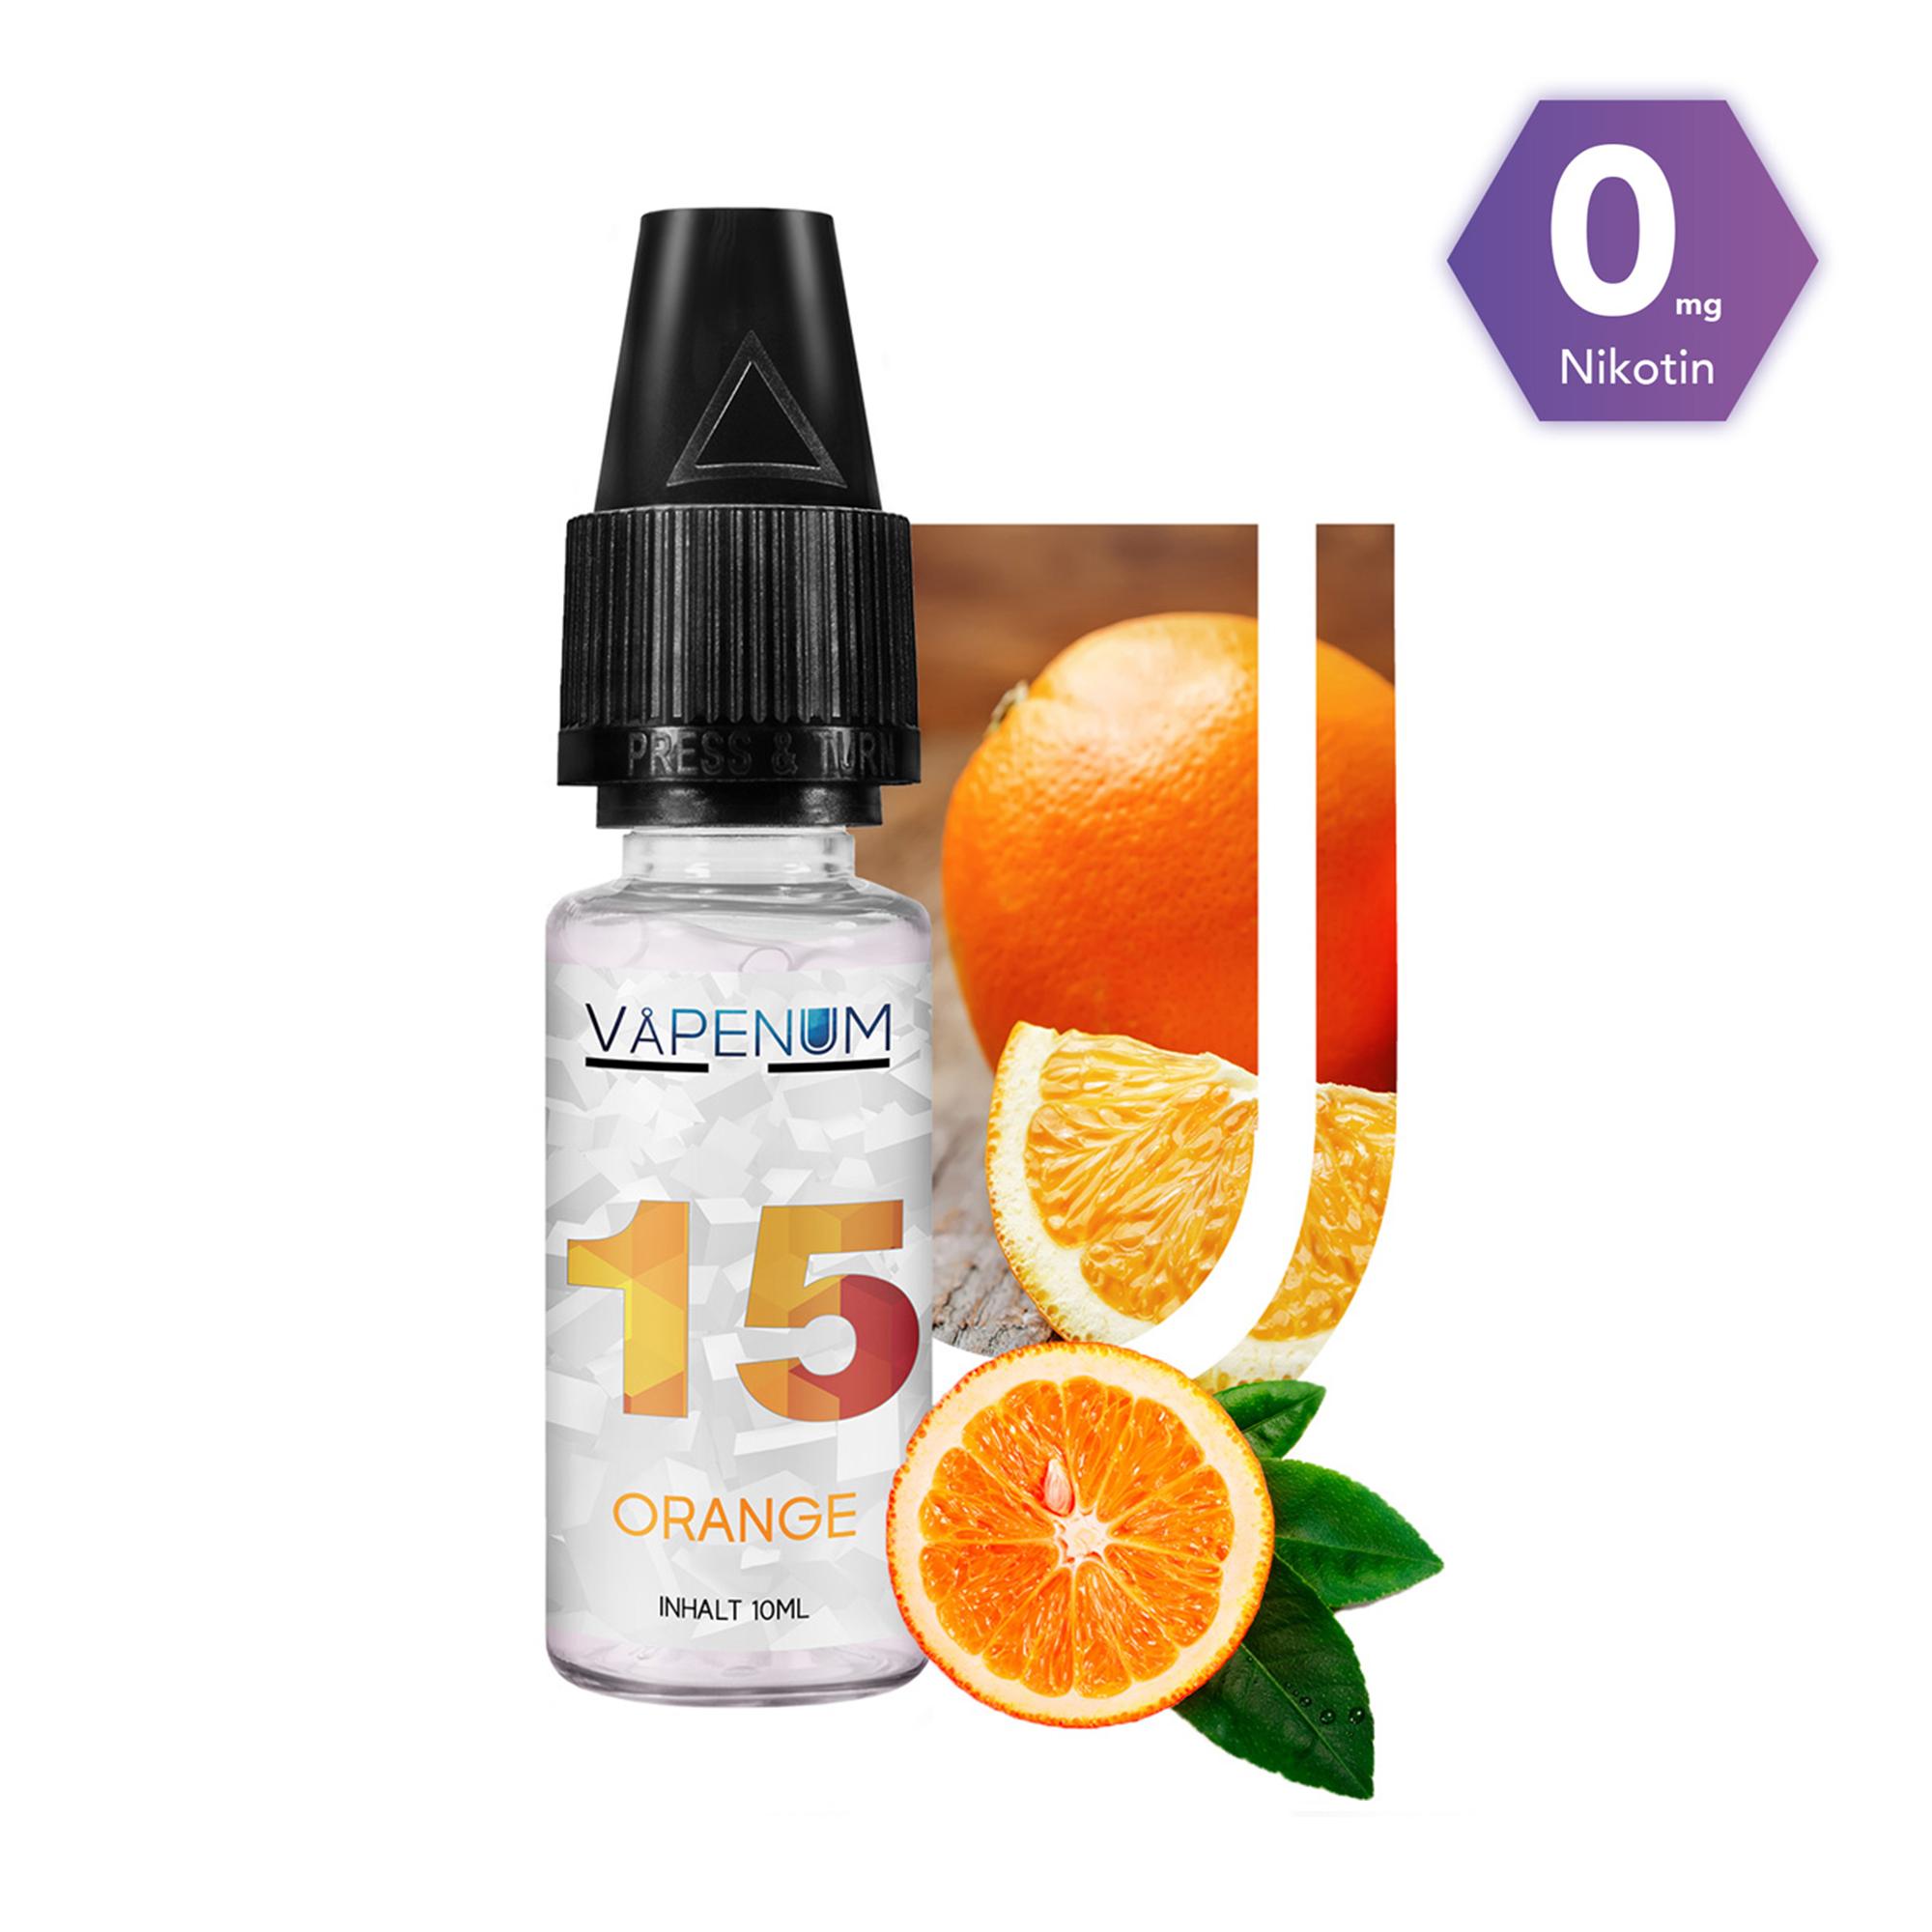 15 - Orange Liquid by Vapenum